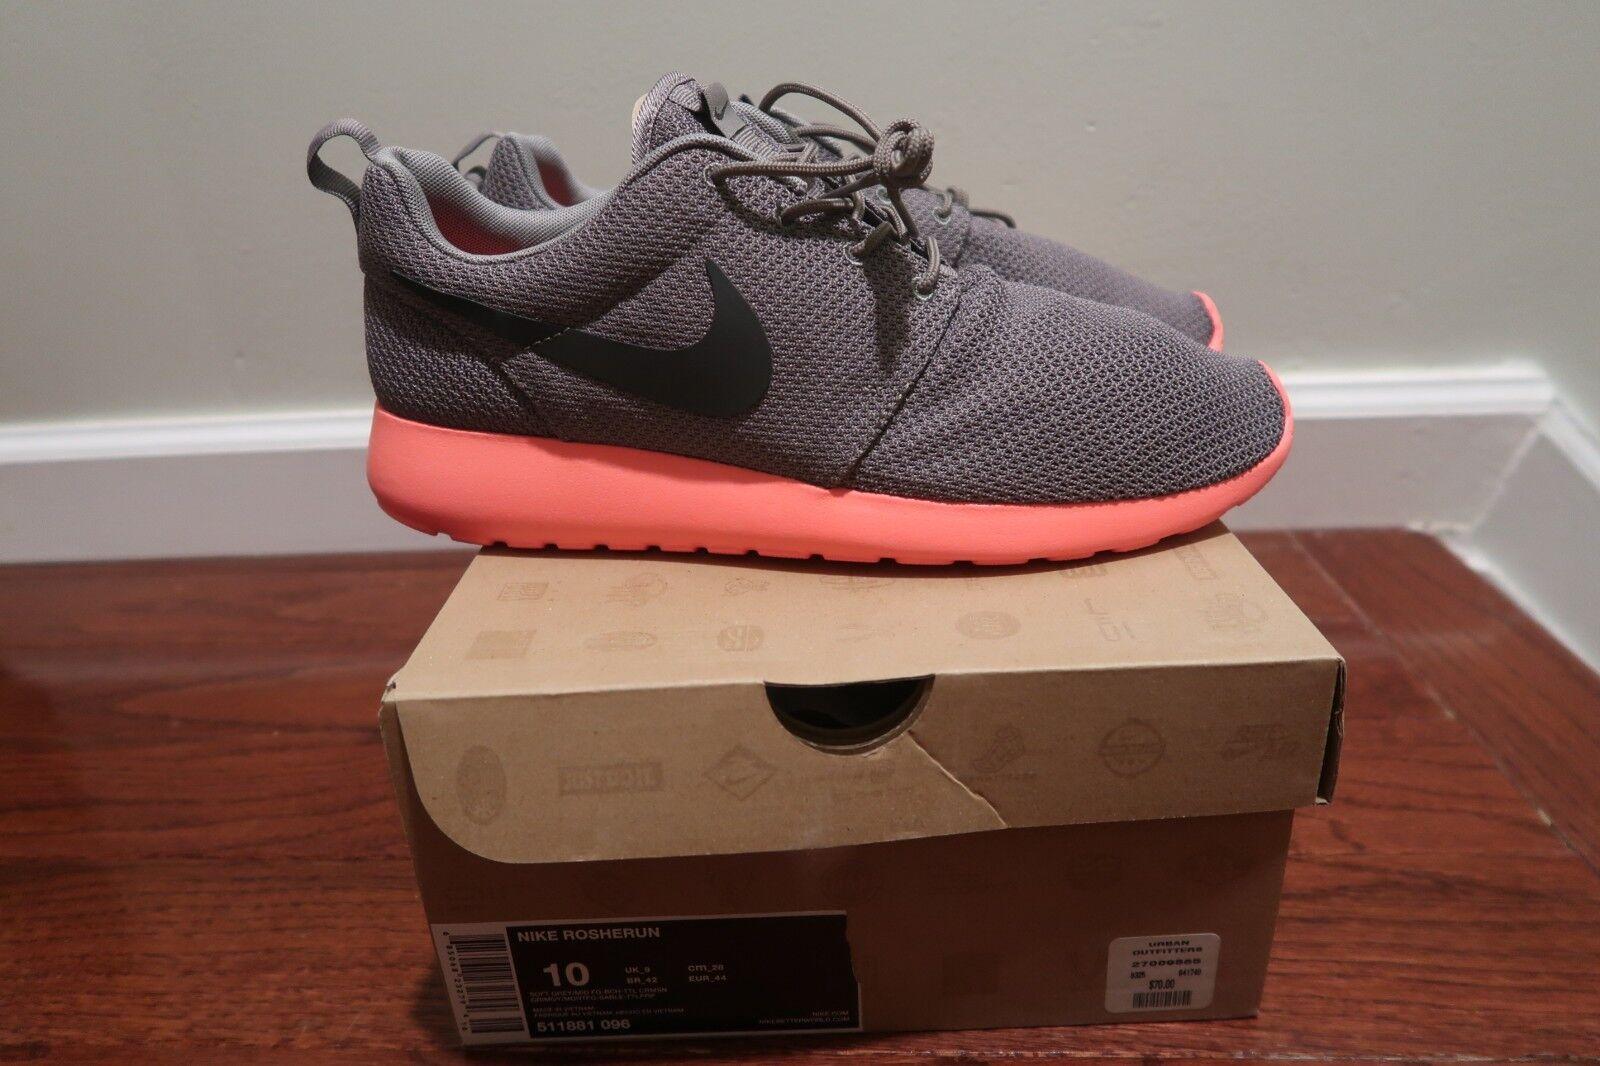 NEW Nike Roshe Run rosherun - Size 10 - 511881-096 Mango V2